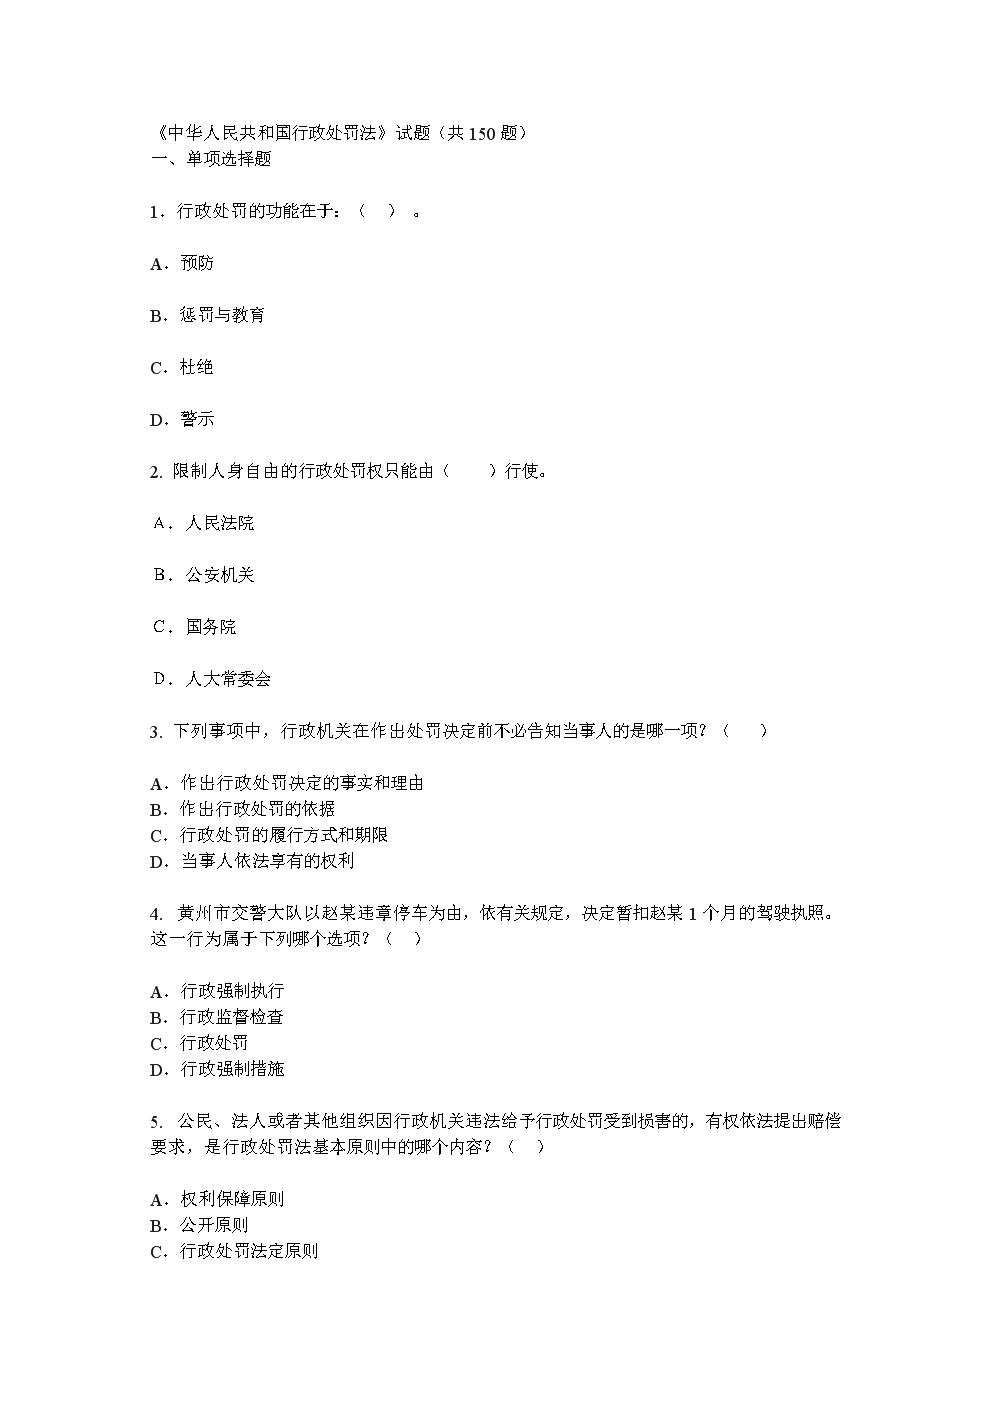 《中华人民共和国行政处罚法》试题(共150题及答案).doc